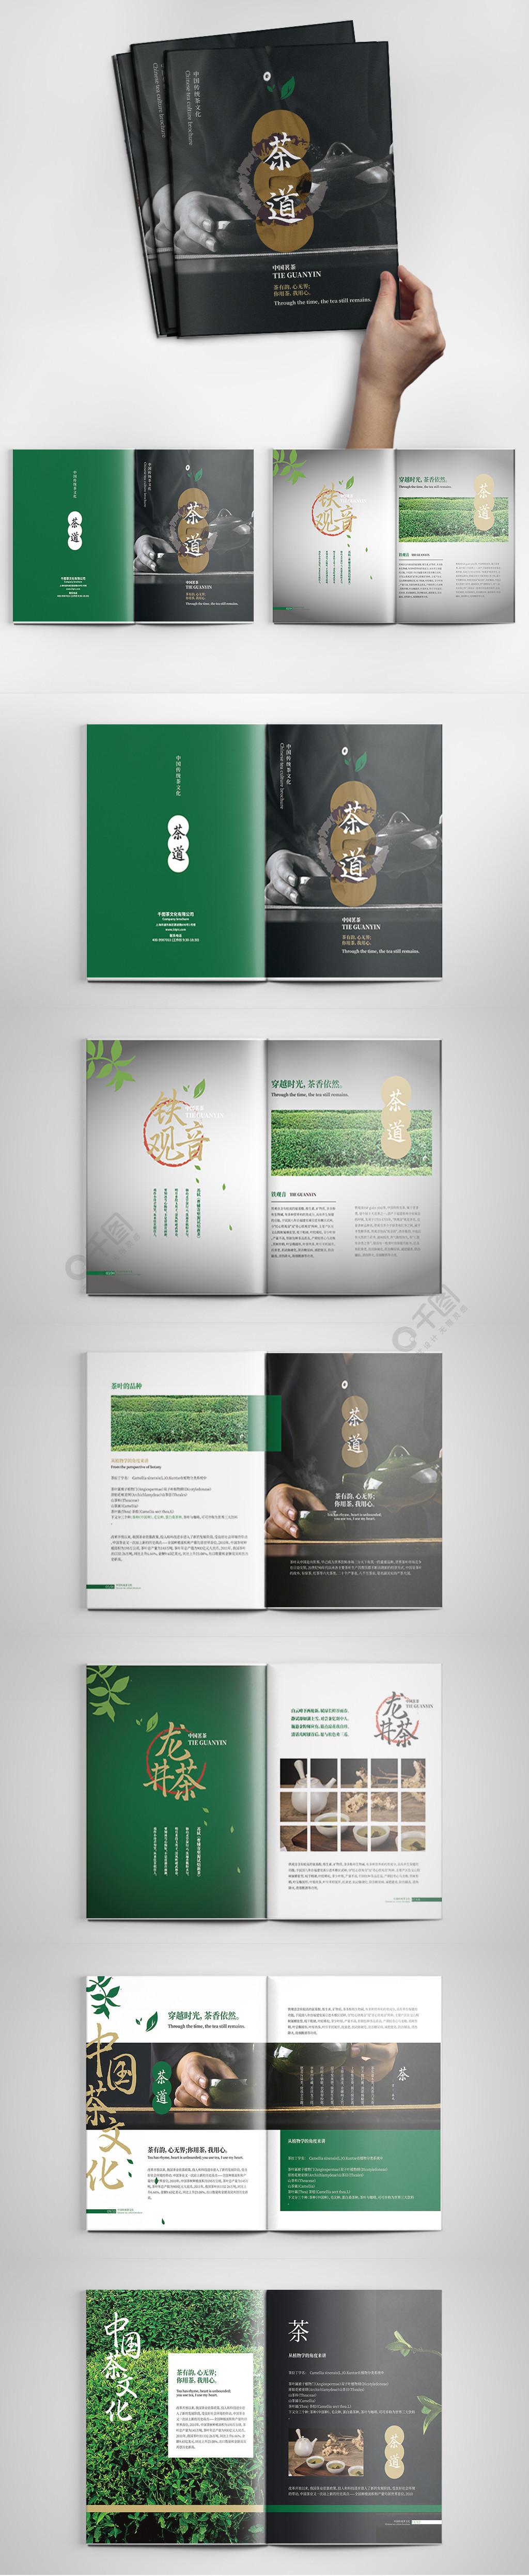 中國茶葉茶文化宣傳畫冊模板